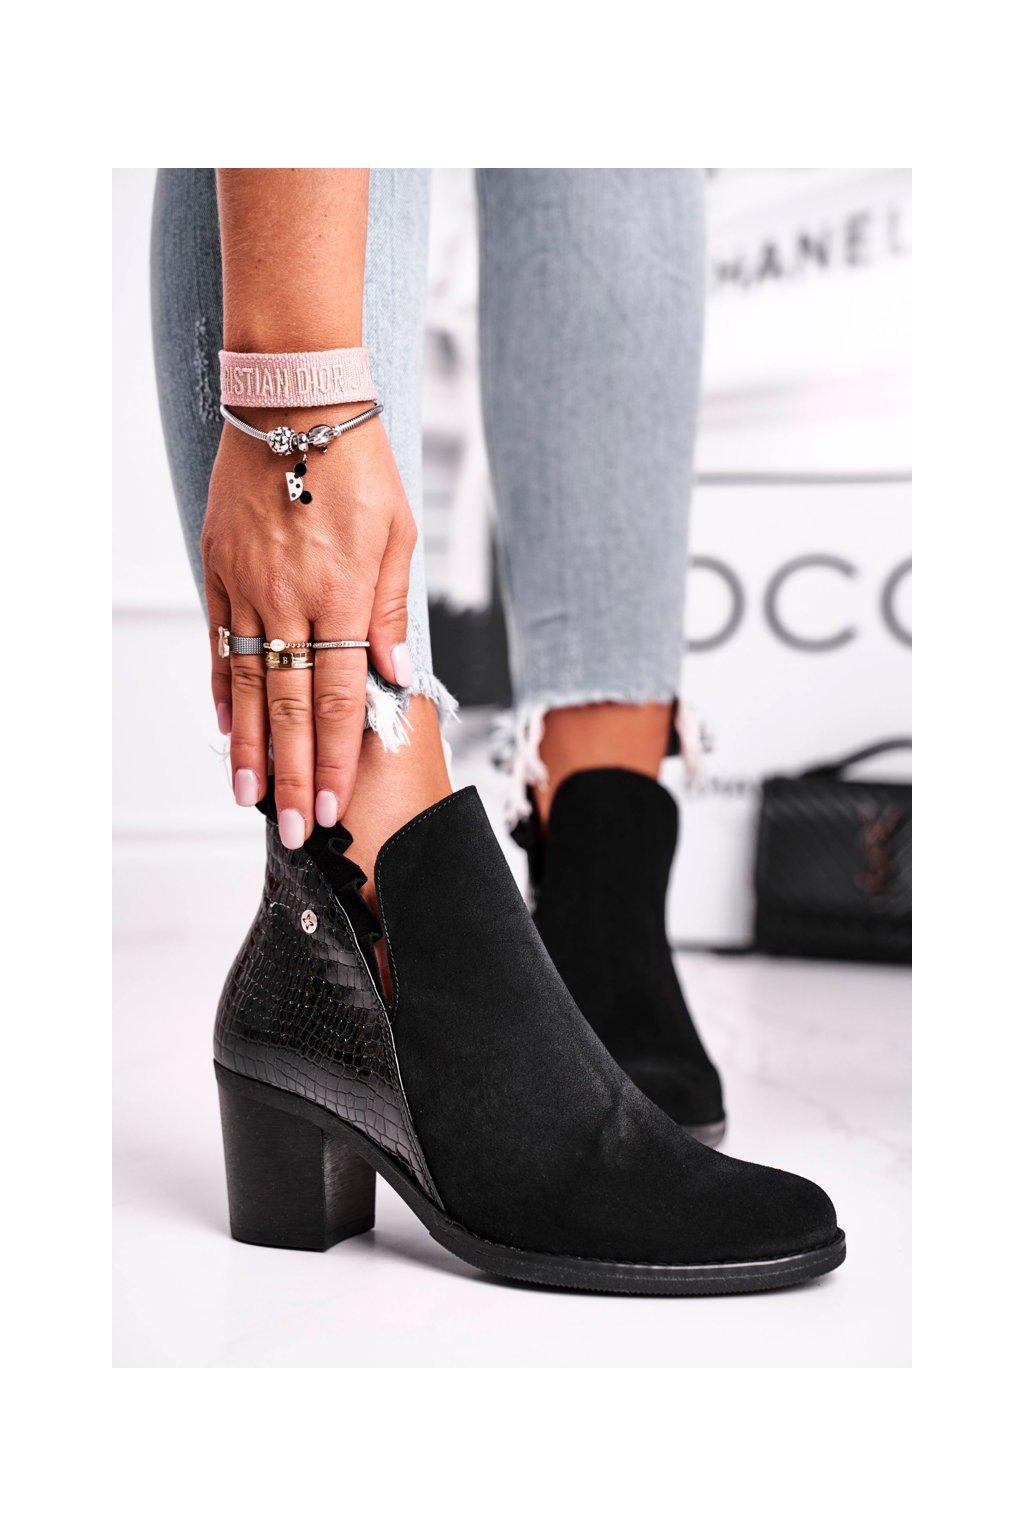 Členkové topánky na podpätku farba čierna kód obuvi 04833-01/00-5 BLK